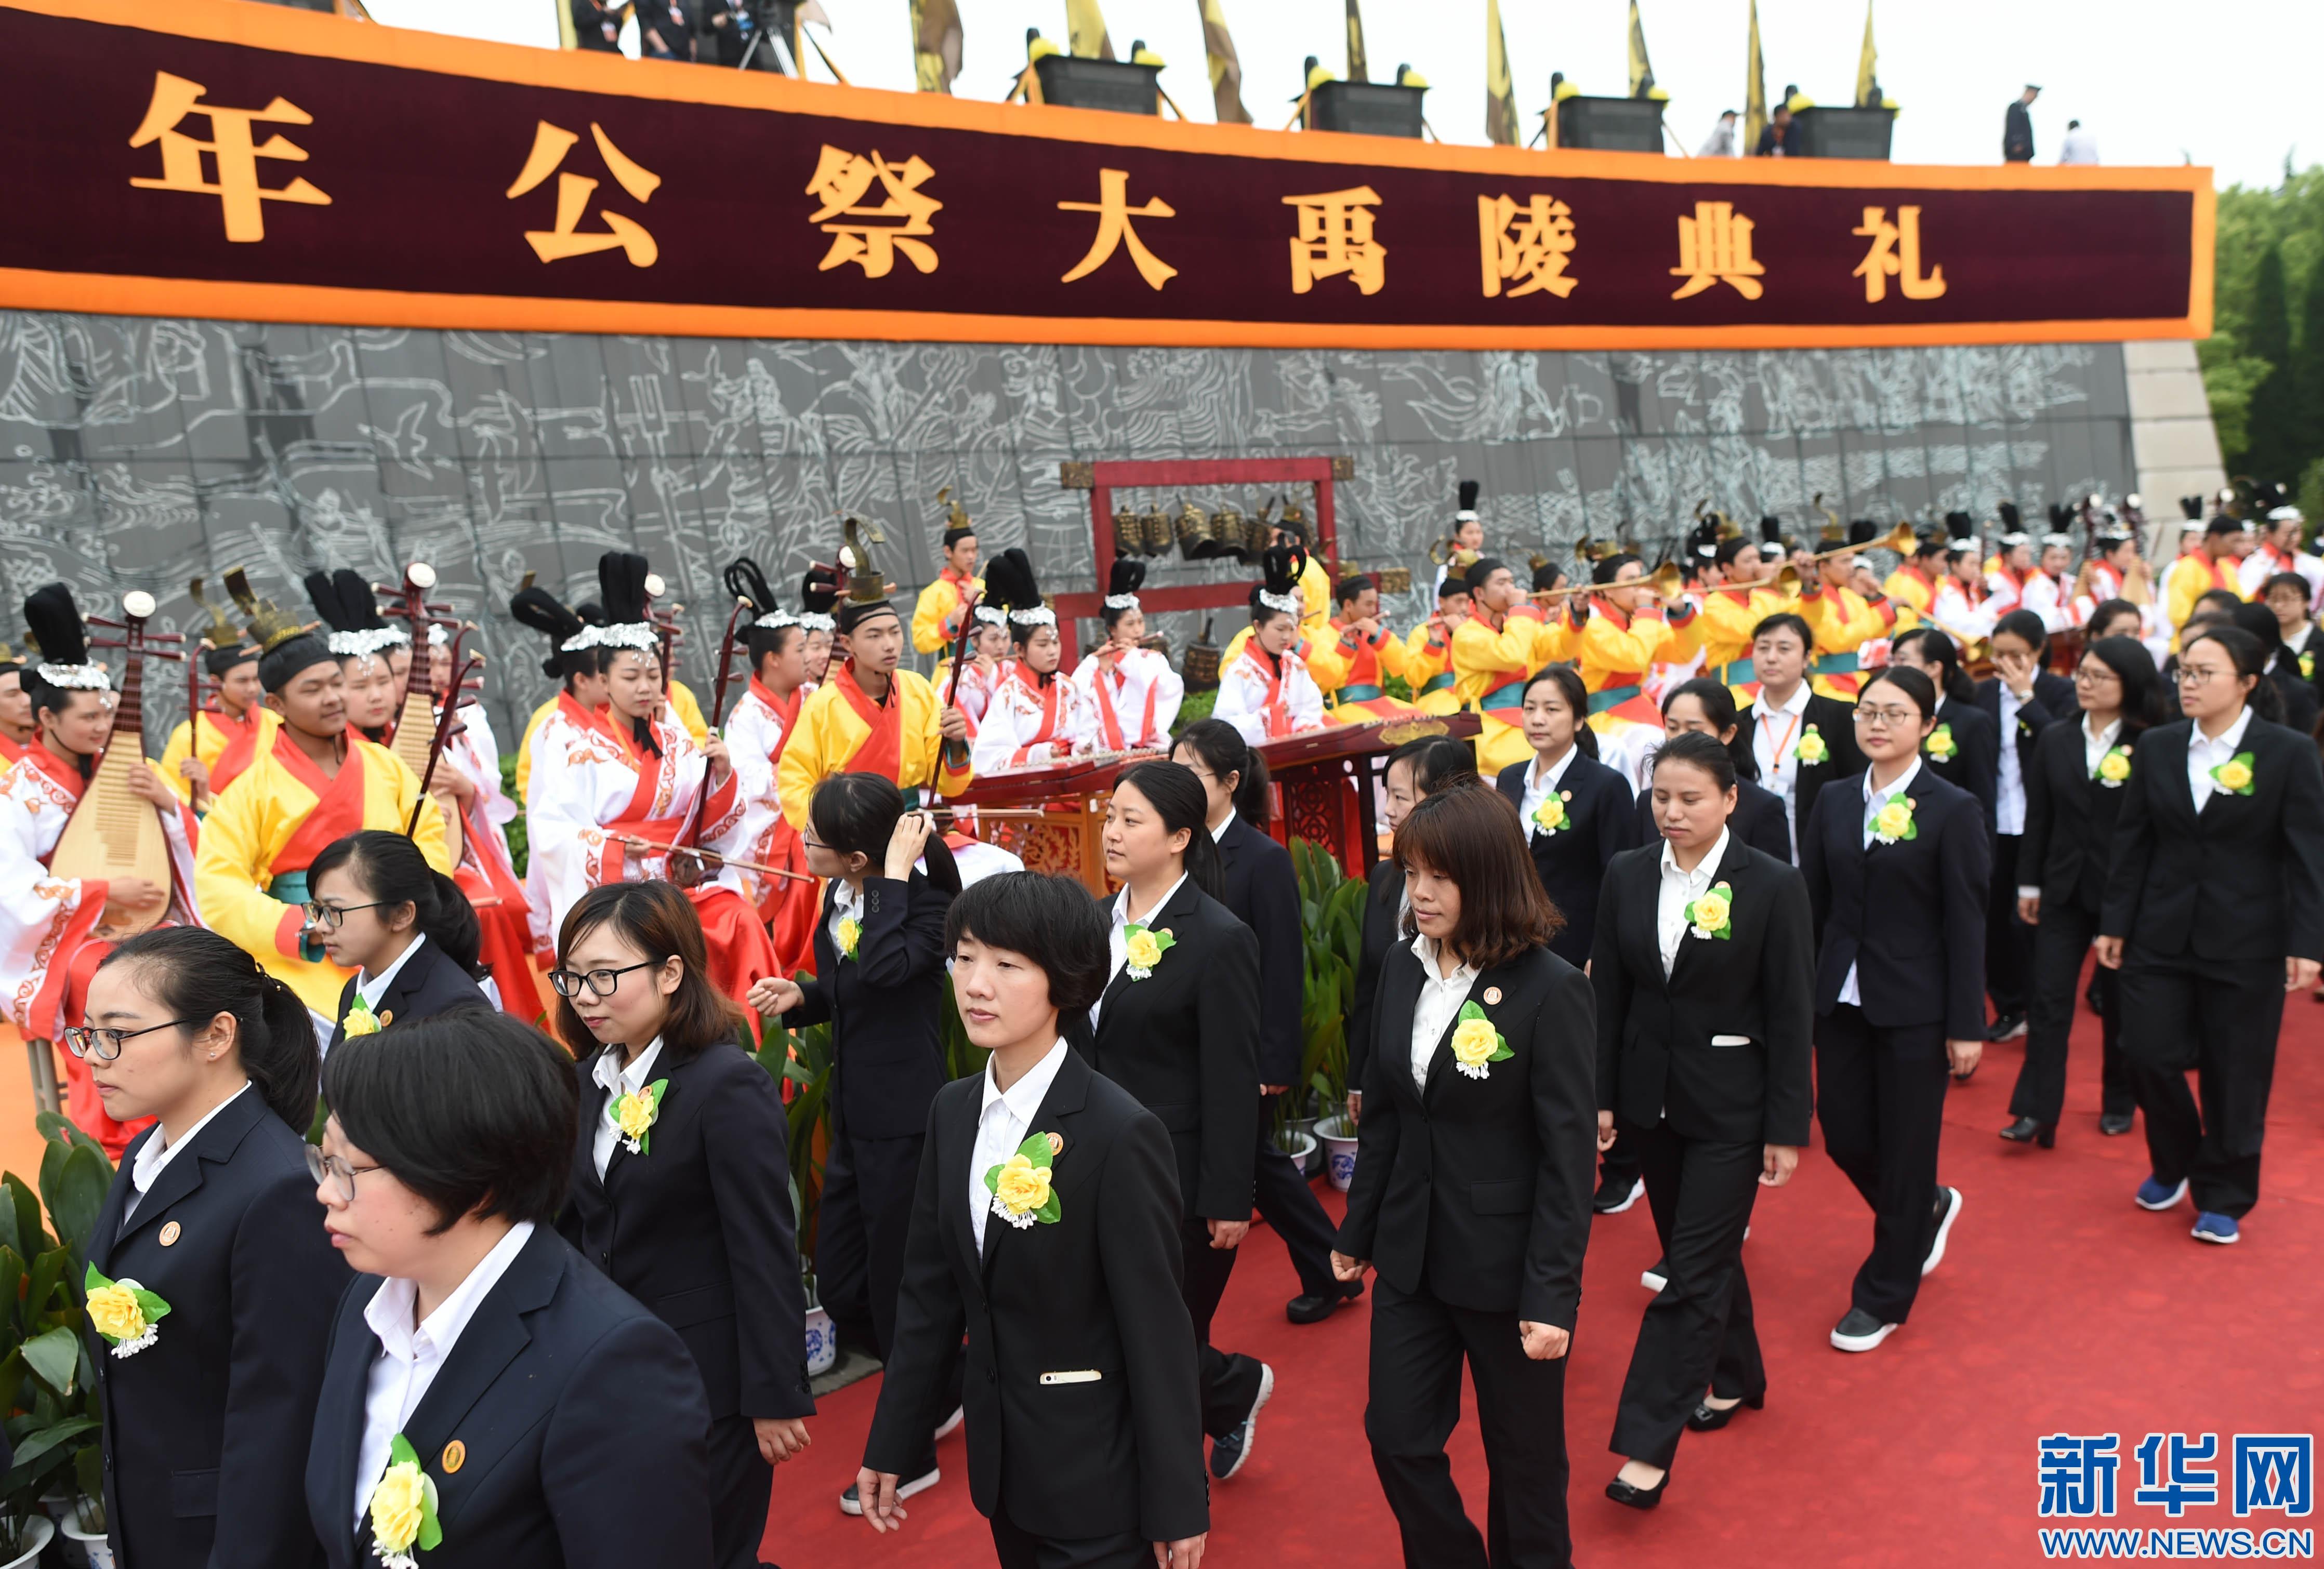 2017年公祭大禹陵典礼在浙江举行